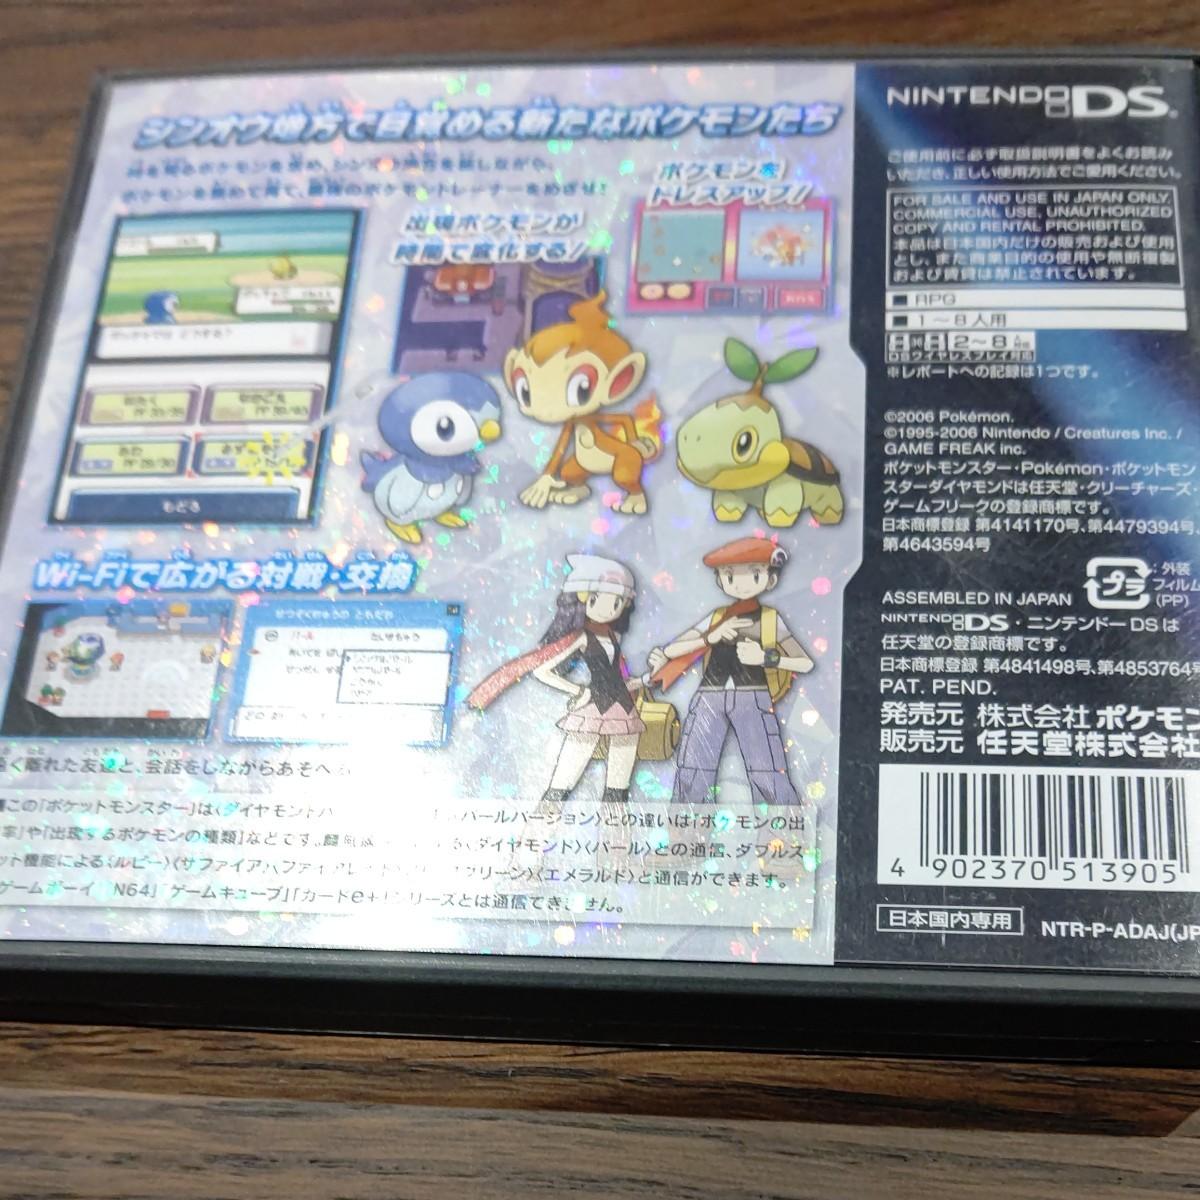 ポケットモンスター ダイヤモンド DSソフト 任天堂 ポケモン